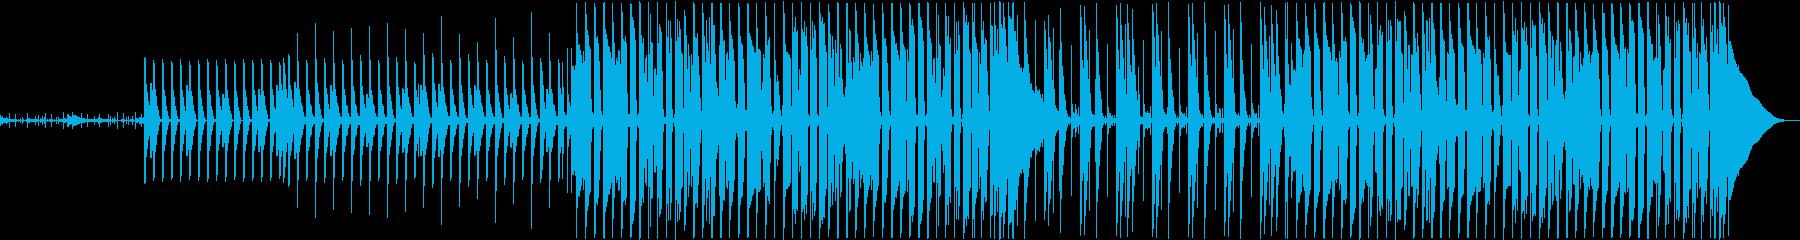 電気研究所インスピレーションを高め...の再生済みの波形